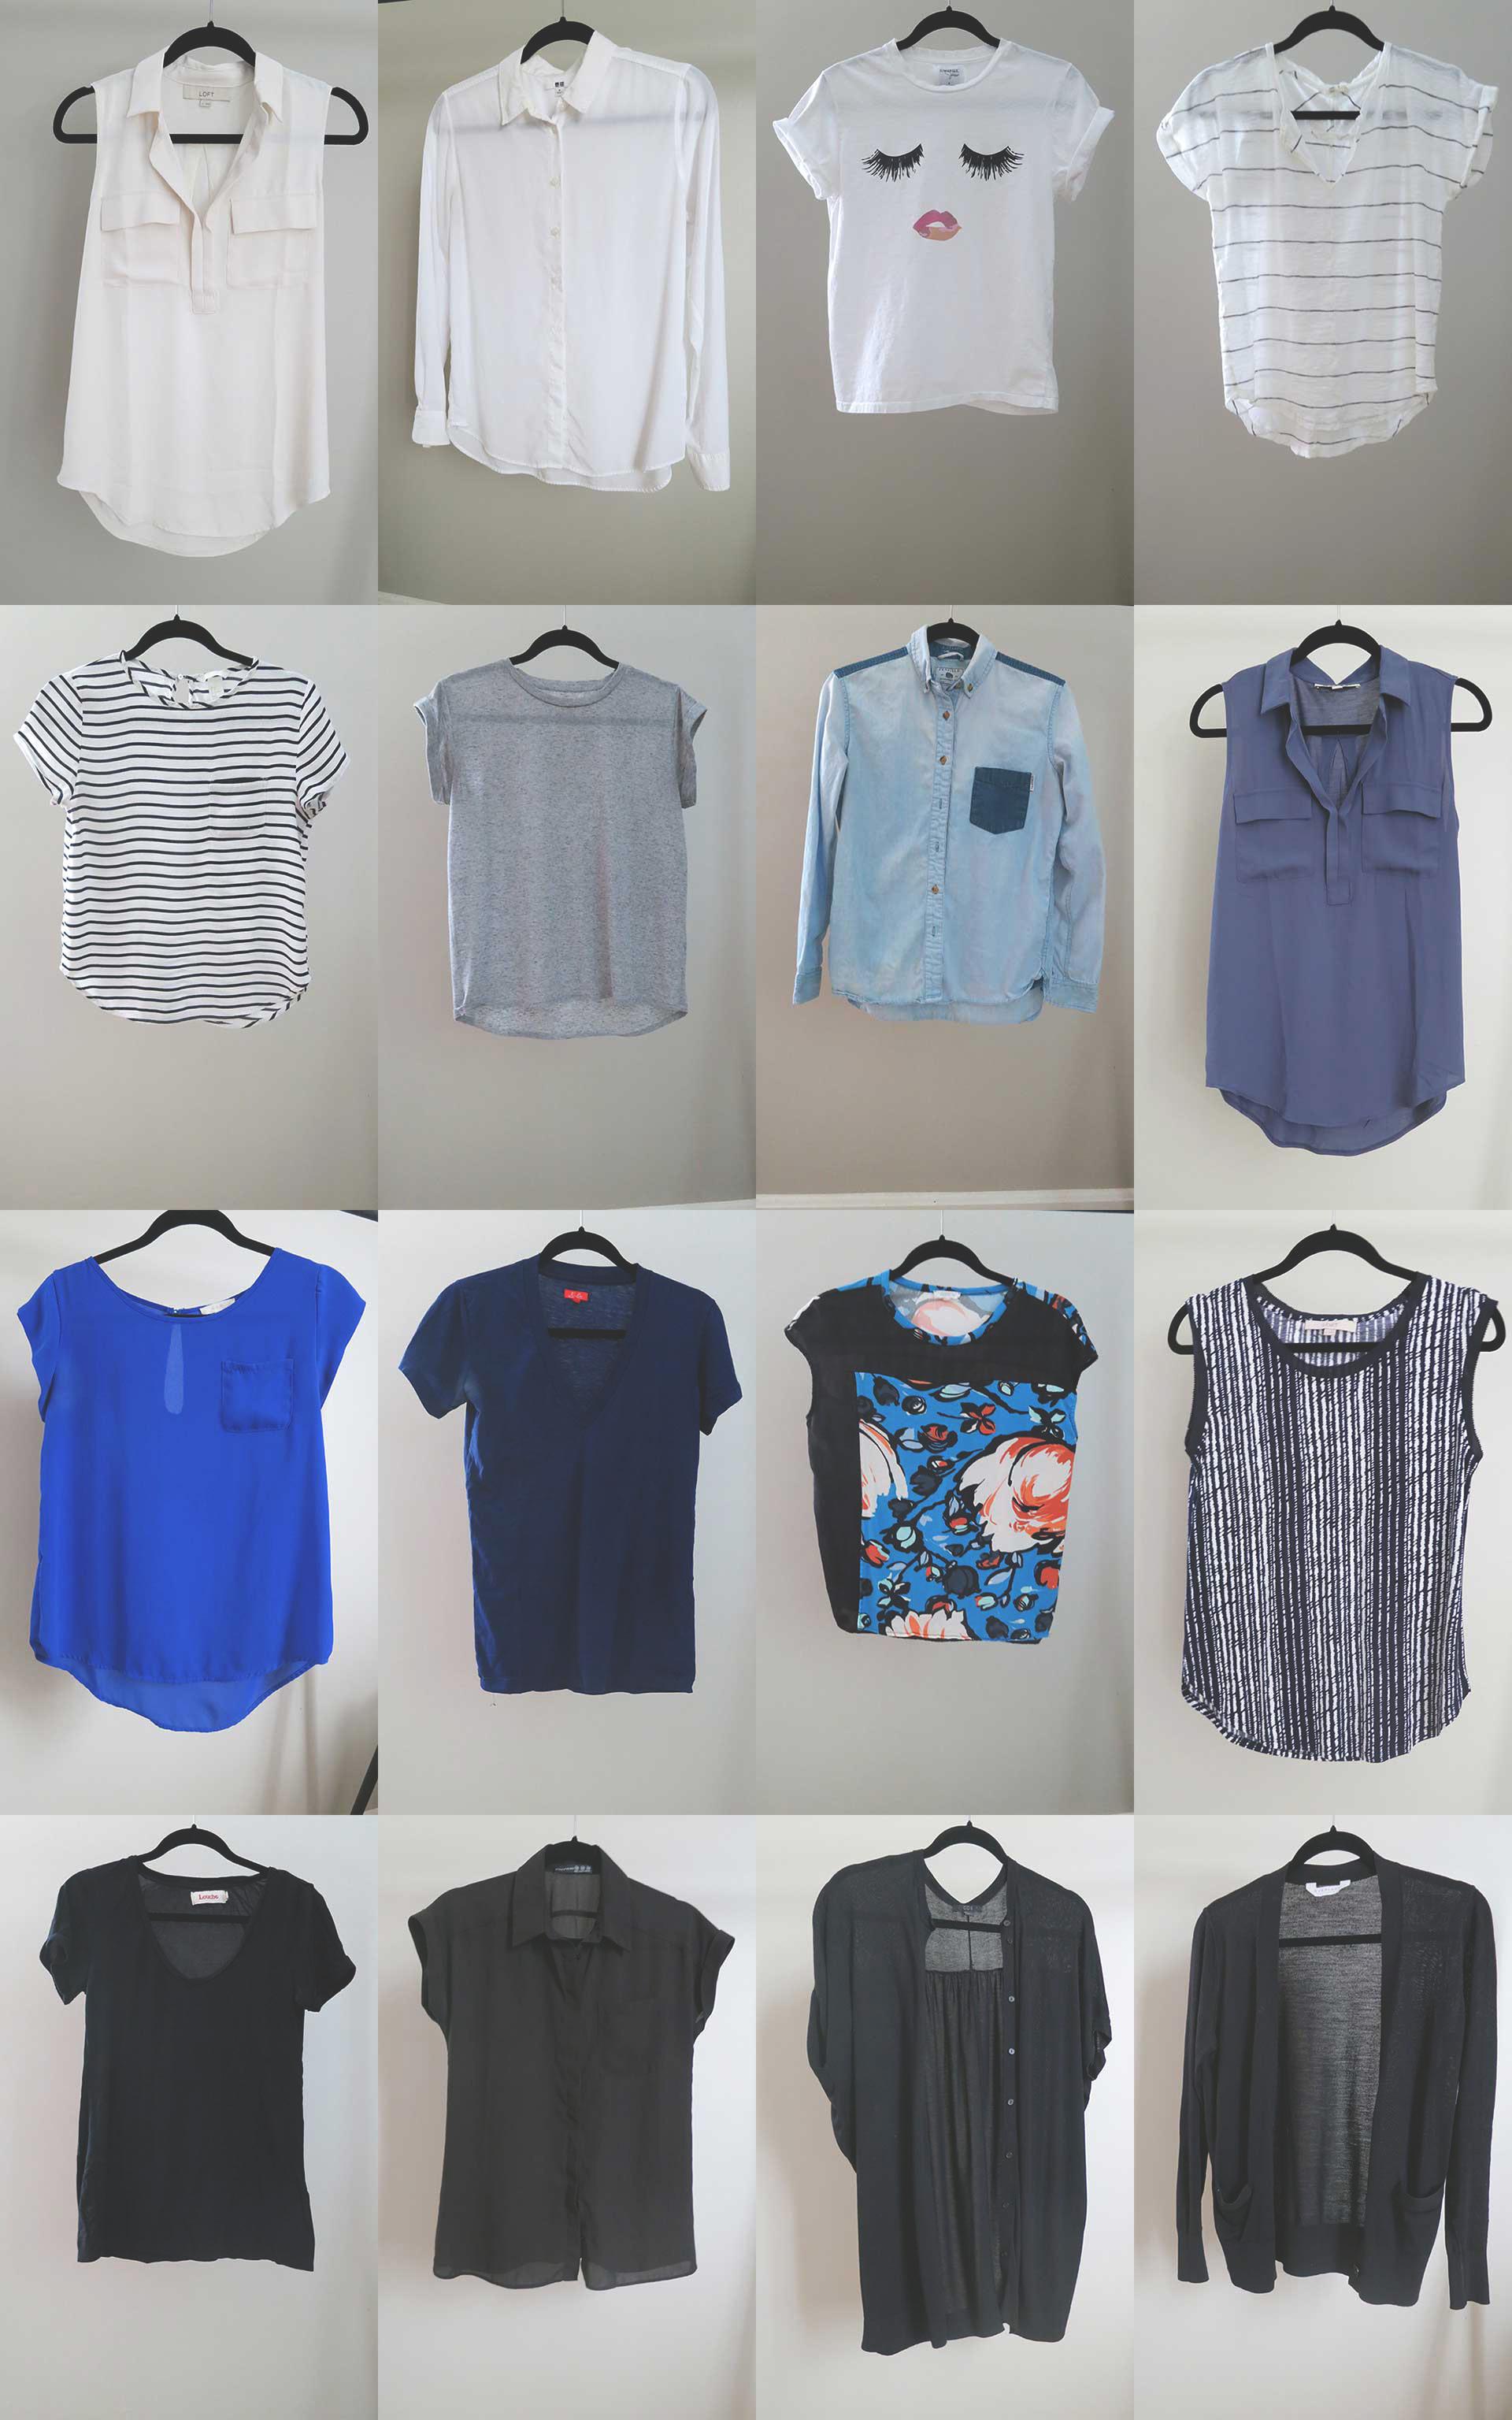 capsule_wardrobe_tops_spring2016